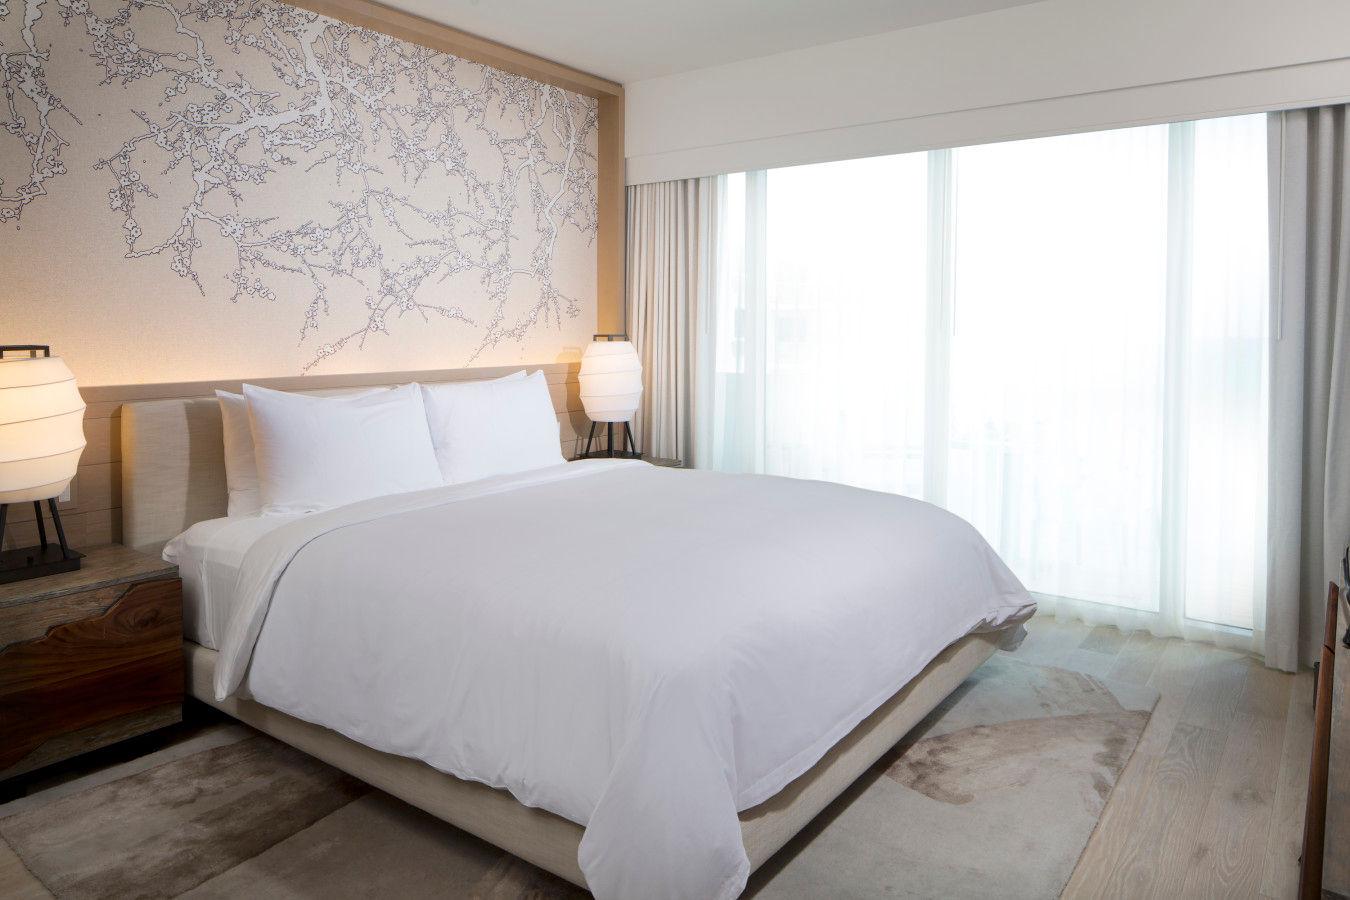 King Deluxe - Nobu HotelMiami Beach